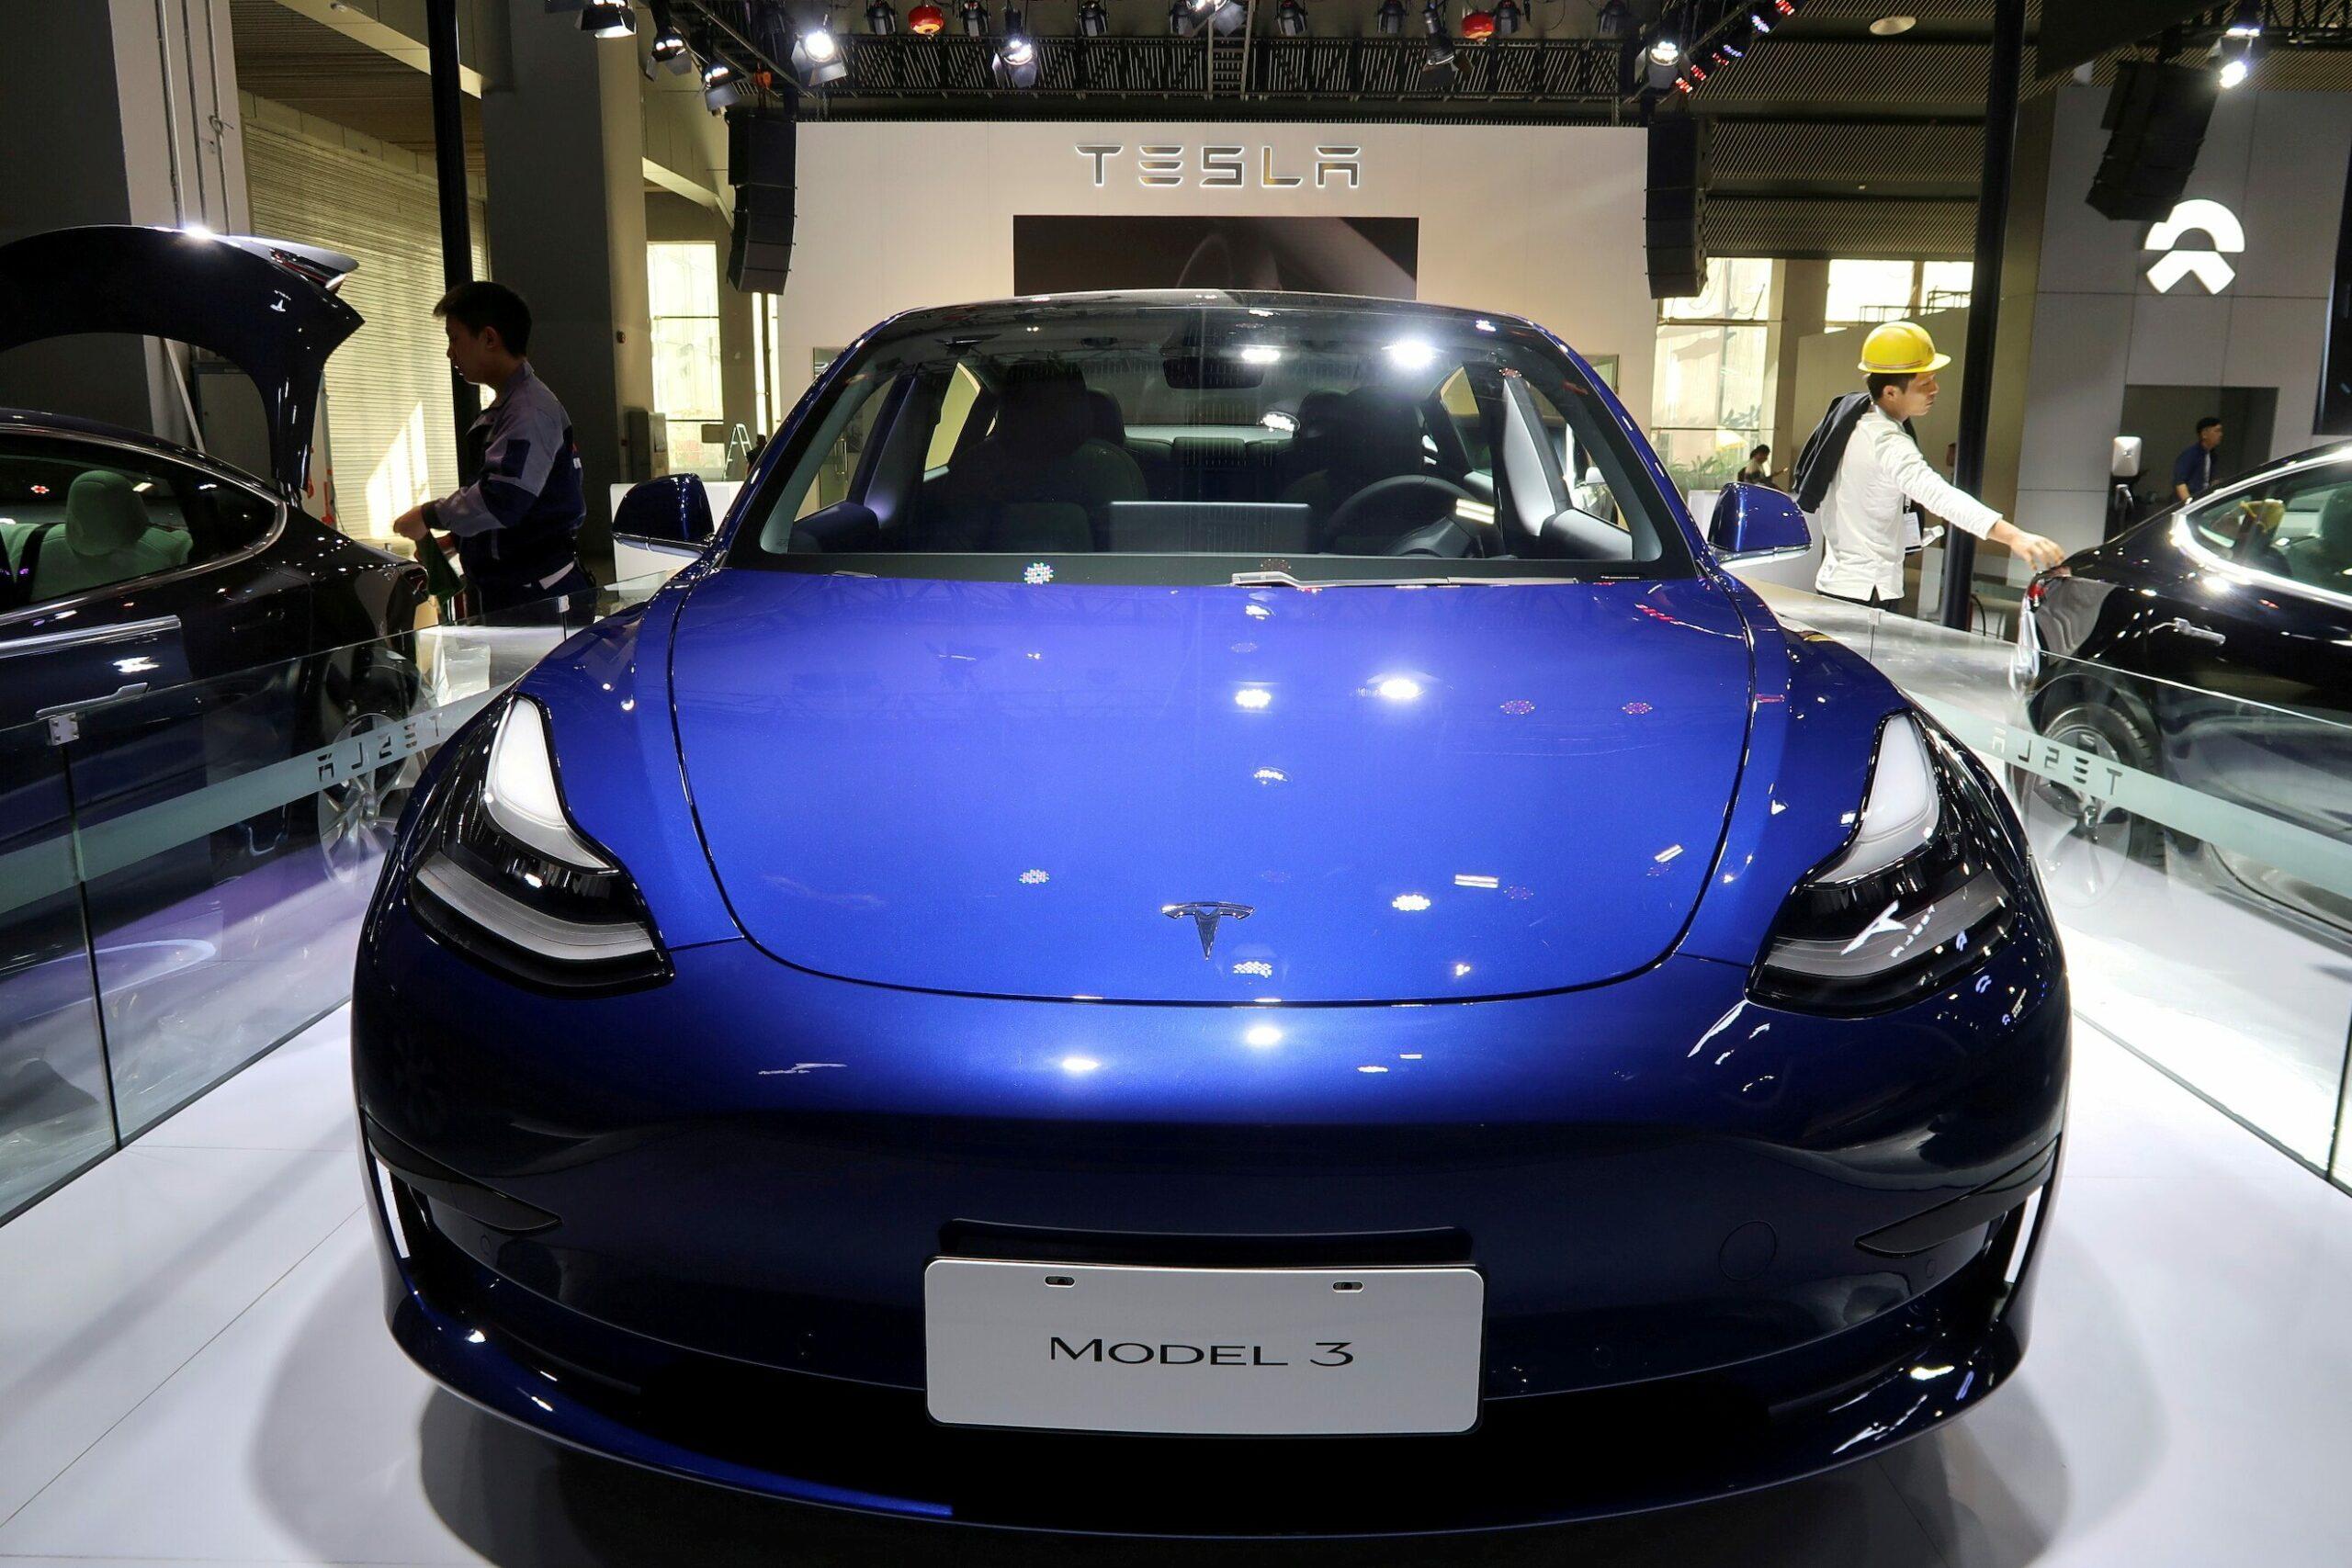 เทสลาเรียกคืนรถกว่า 285,000 คันในจีน เหตุซอฟต์แวร์ขัดข้อง